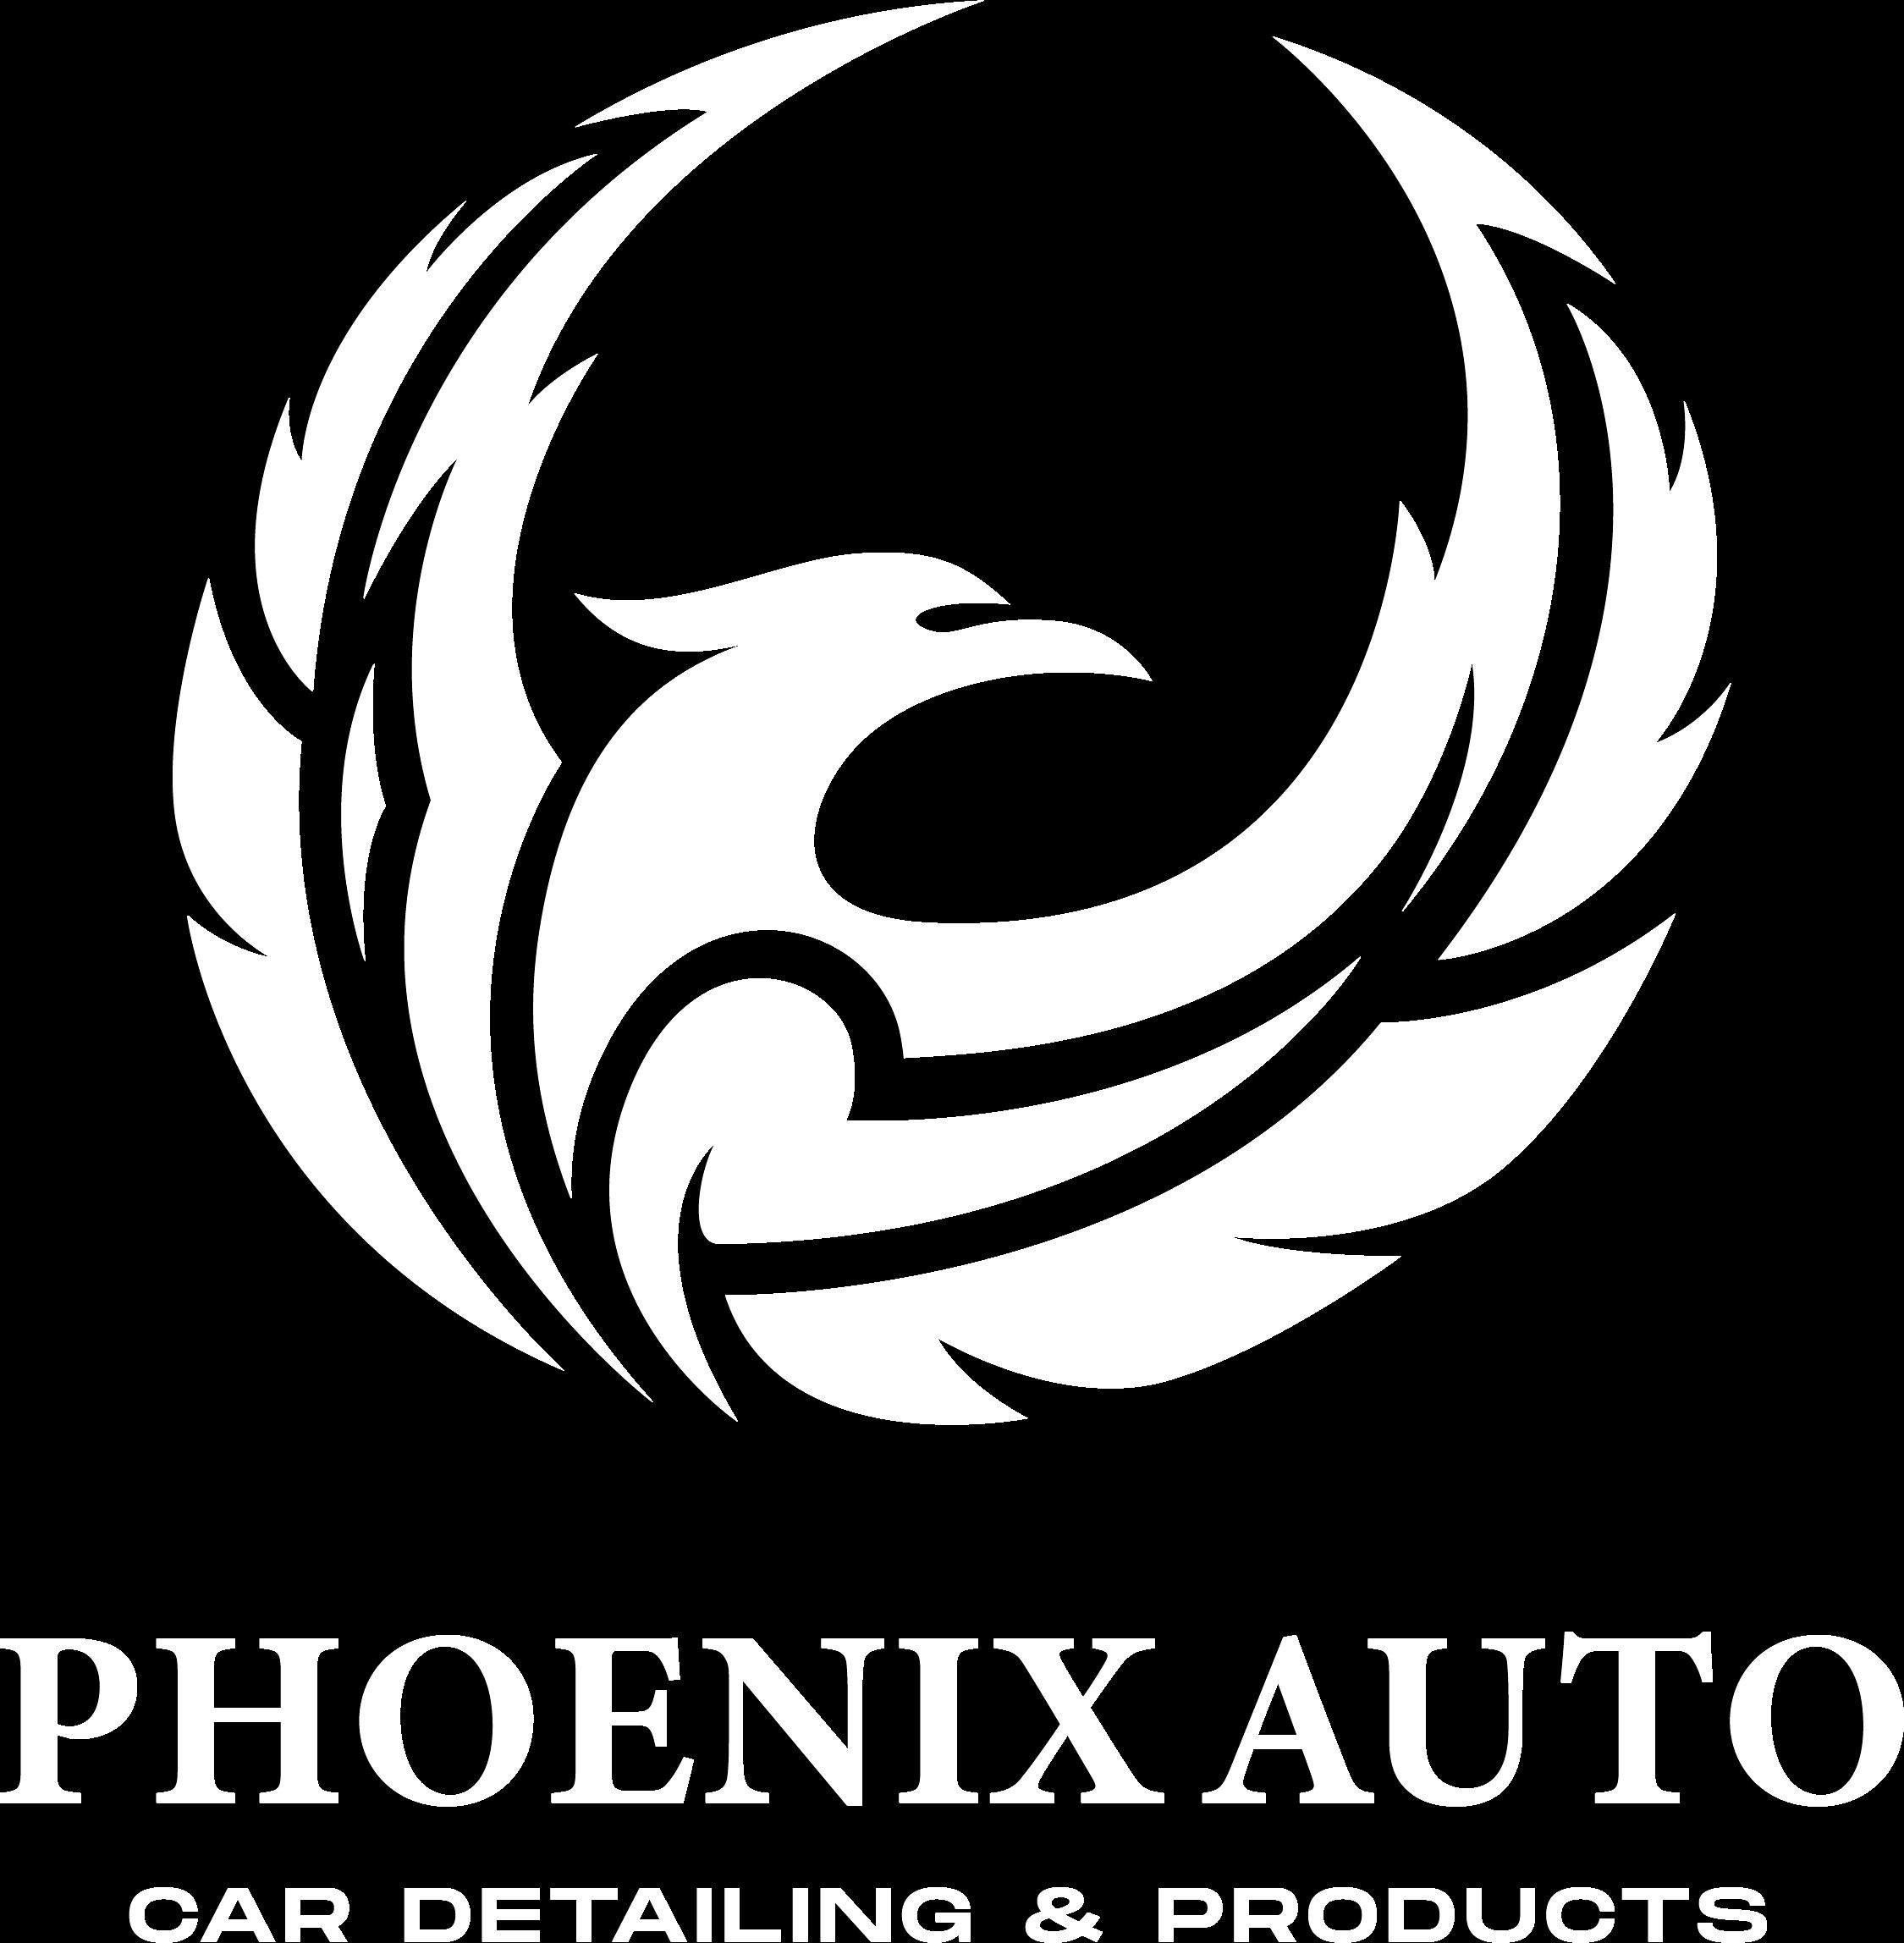 Phoenix Auto